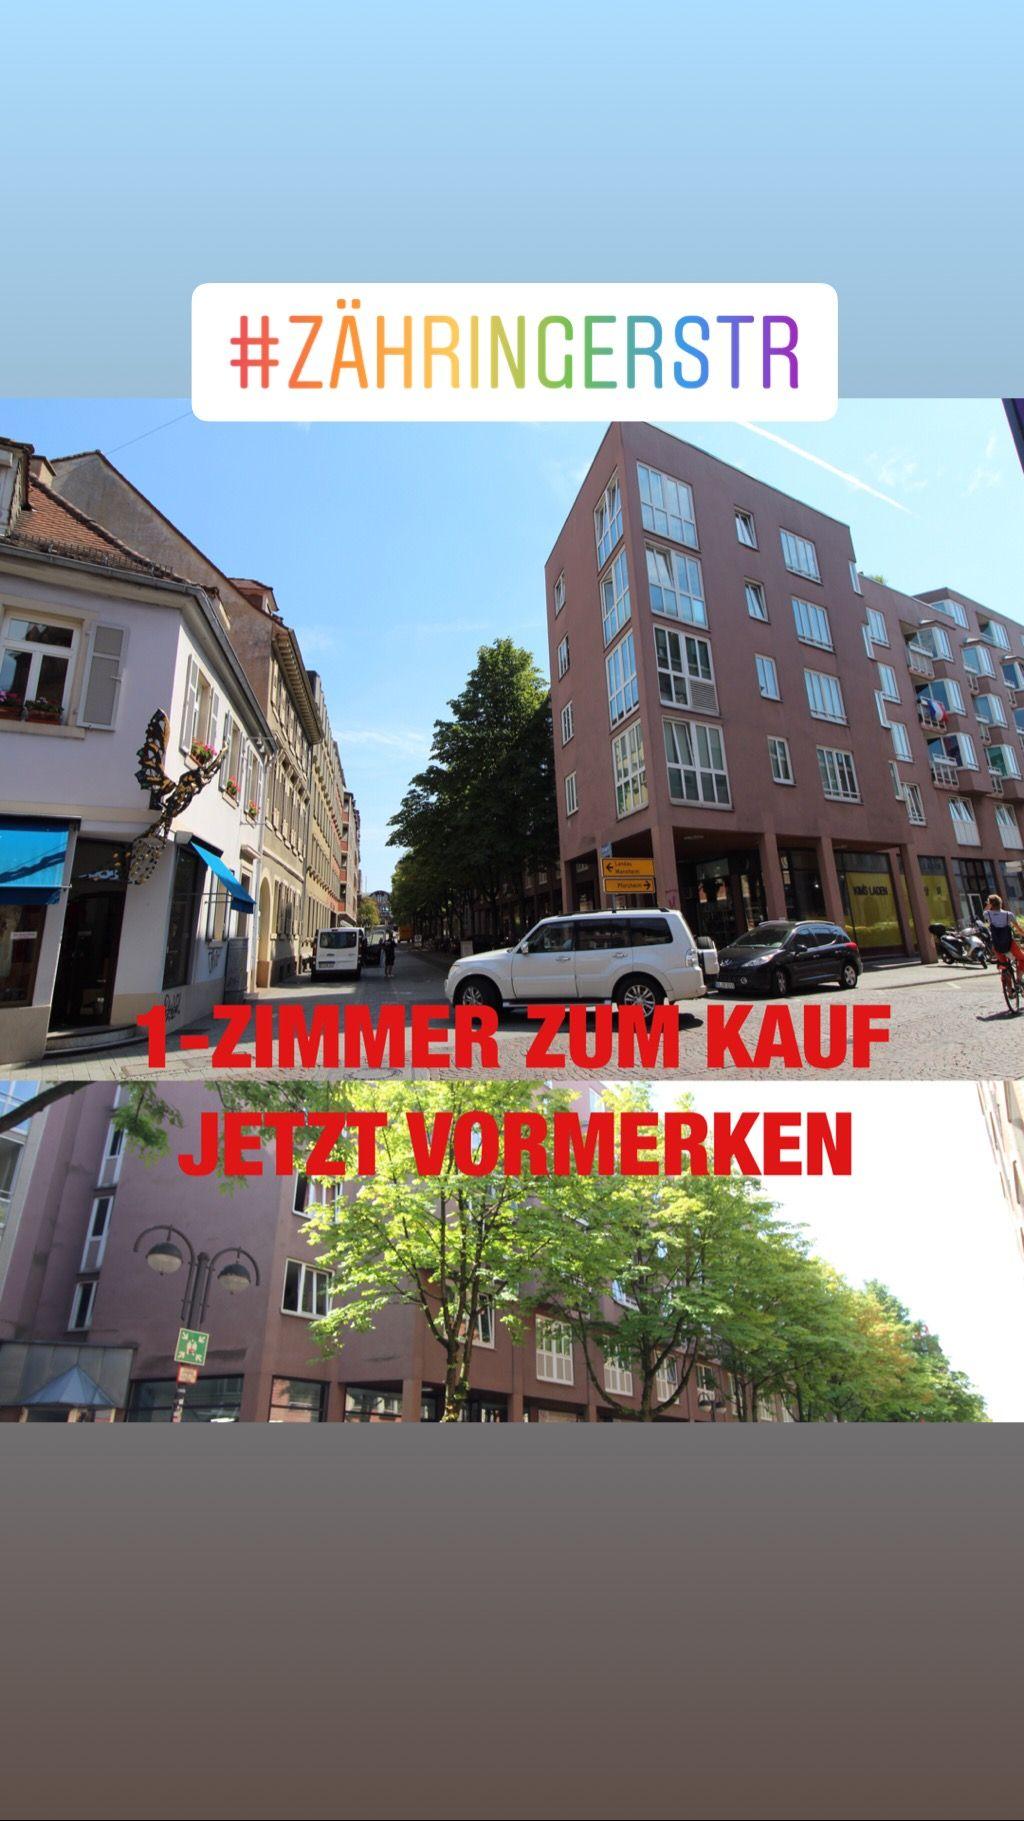 1 Zimmer Wohnung Zum Kauf Noch Nicht In Der Vermarktung Jetzt Vormerken Lassen W4 Immobilien Makler Immobilien Immobilien Immobilienmakler Wohnung Finden